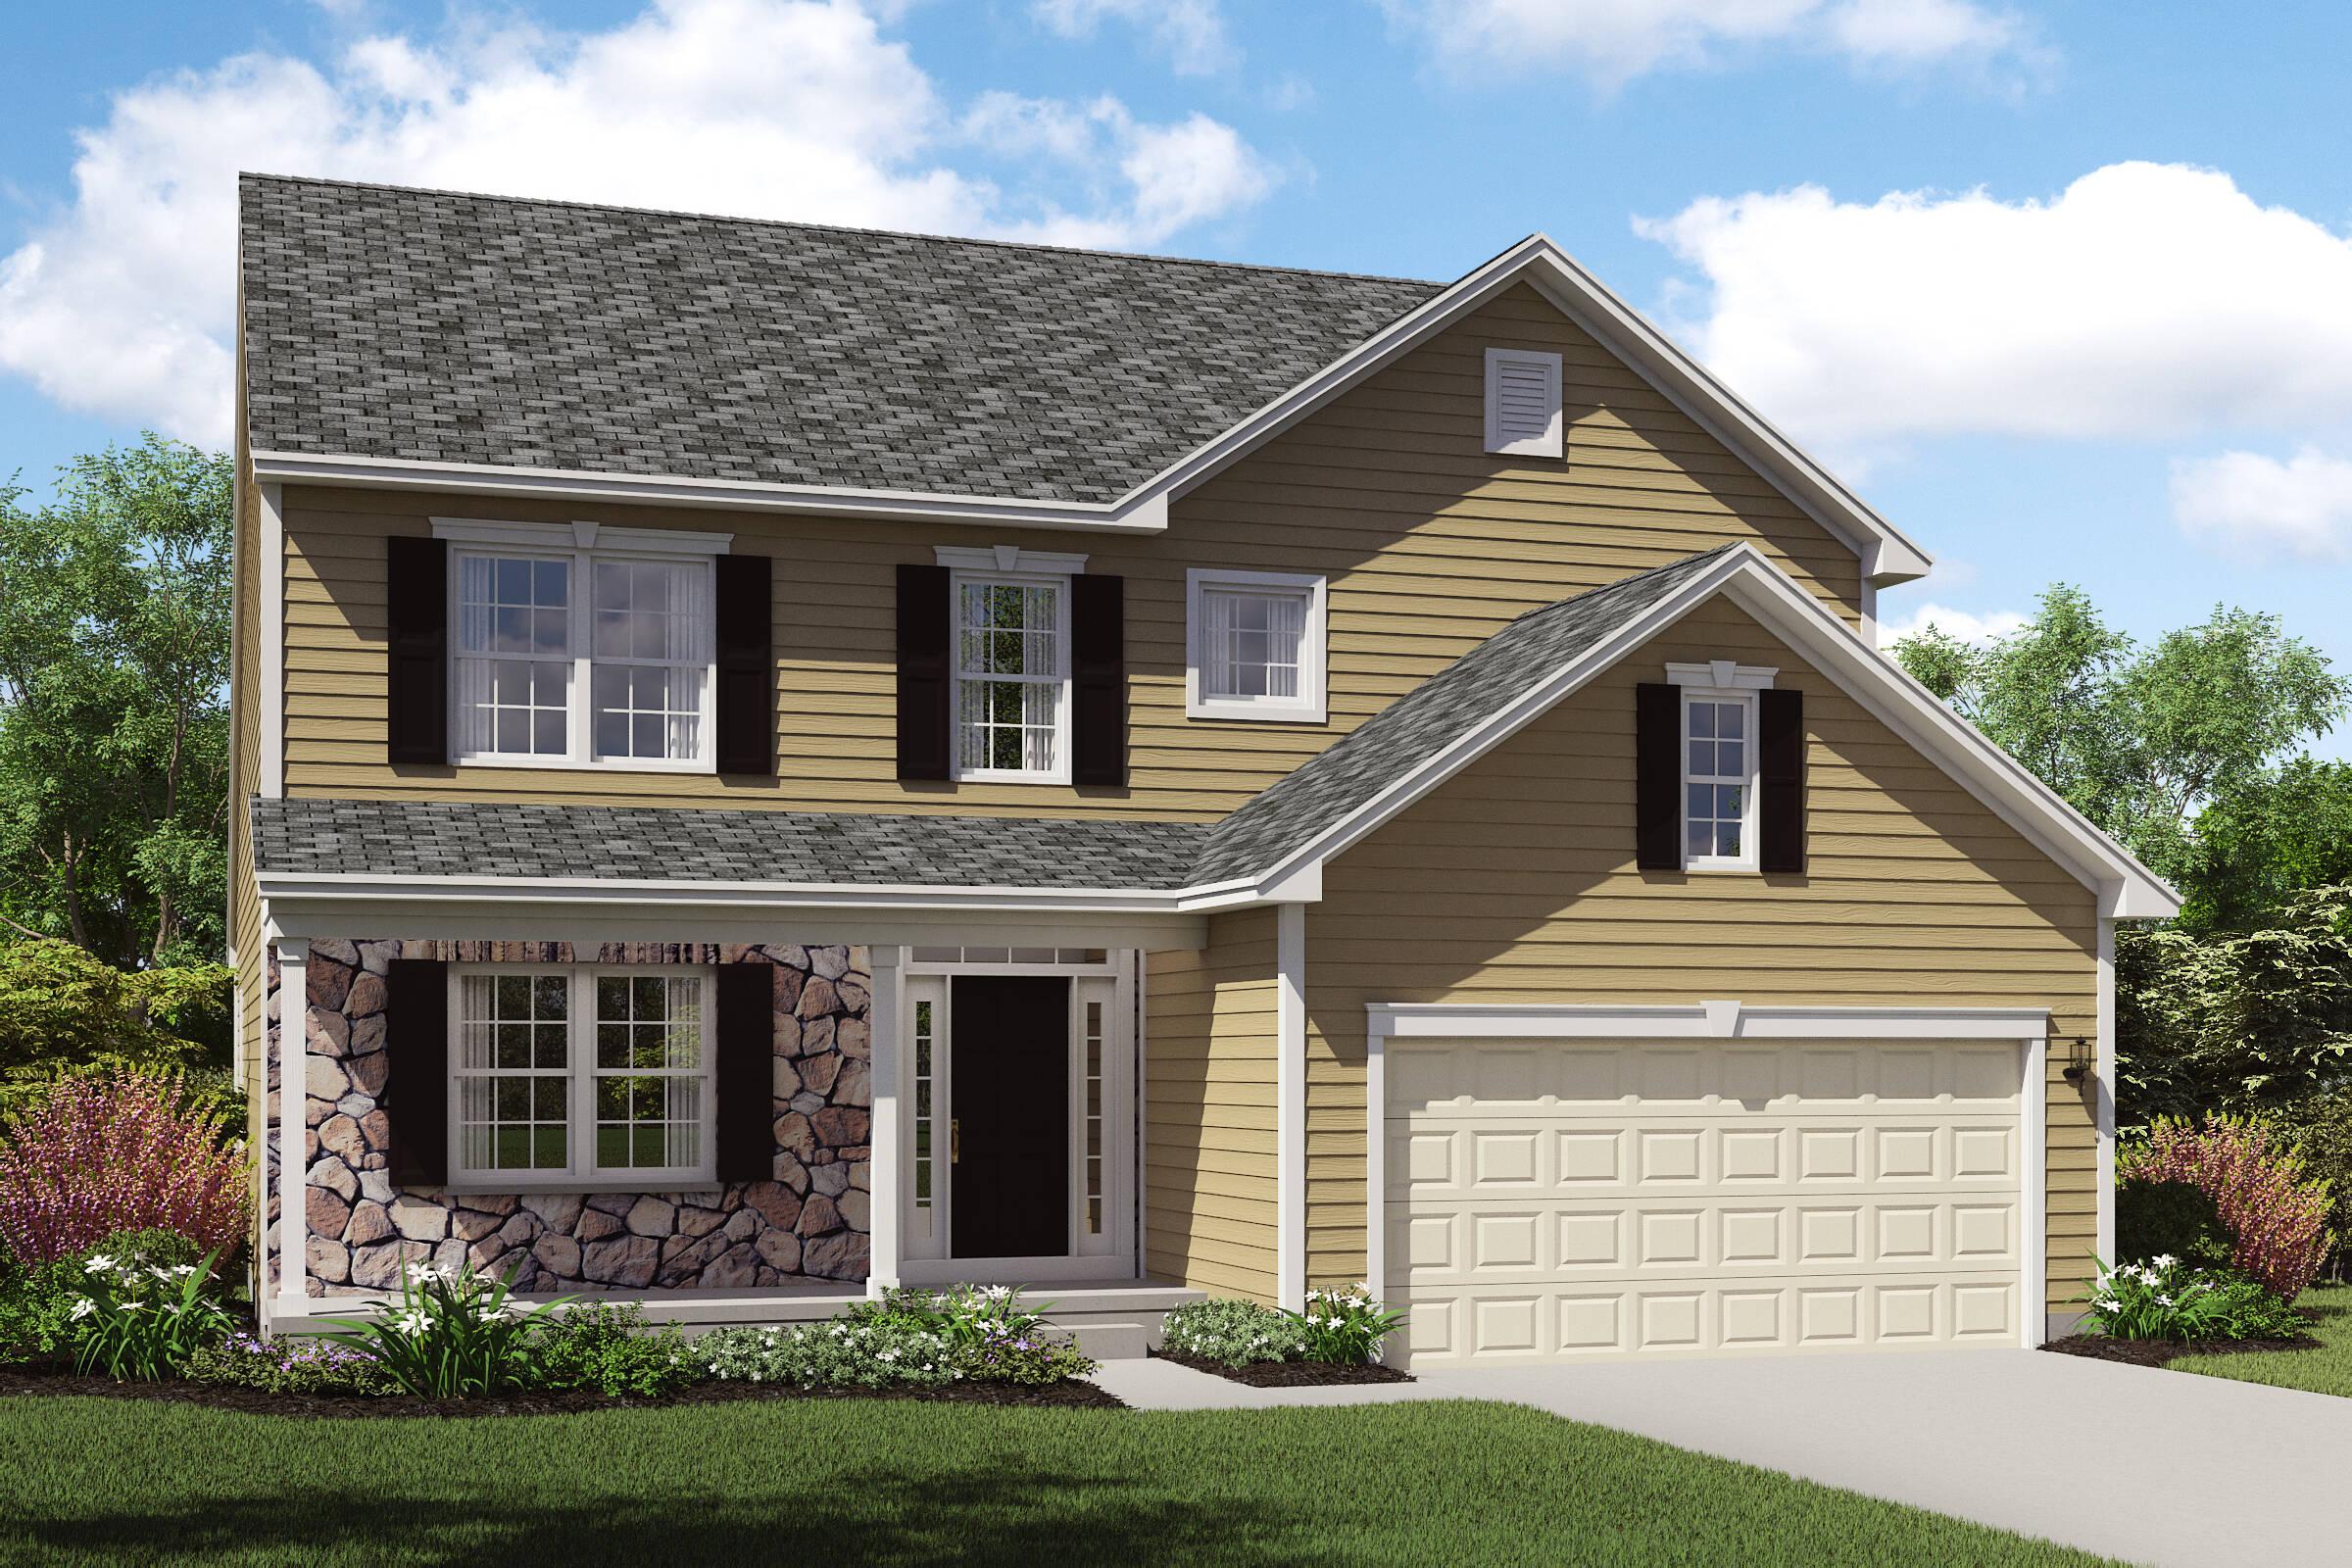 new homes with stone exteriors oakridge c northeast ohio